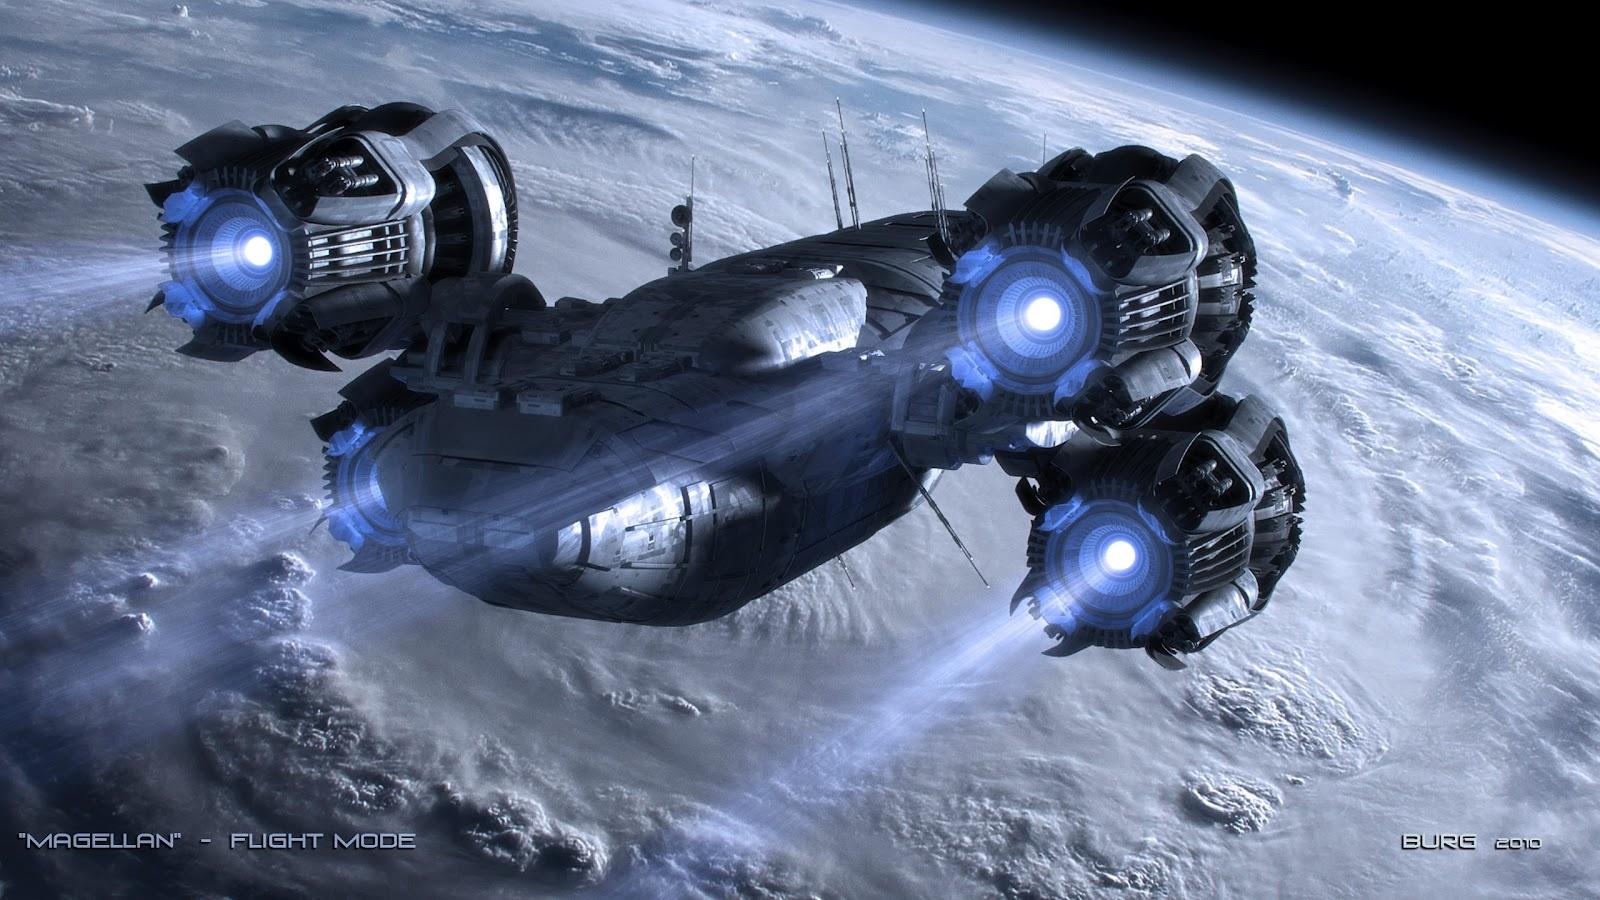 青い光の宇宙船